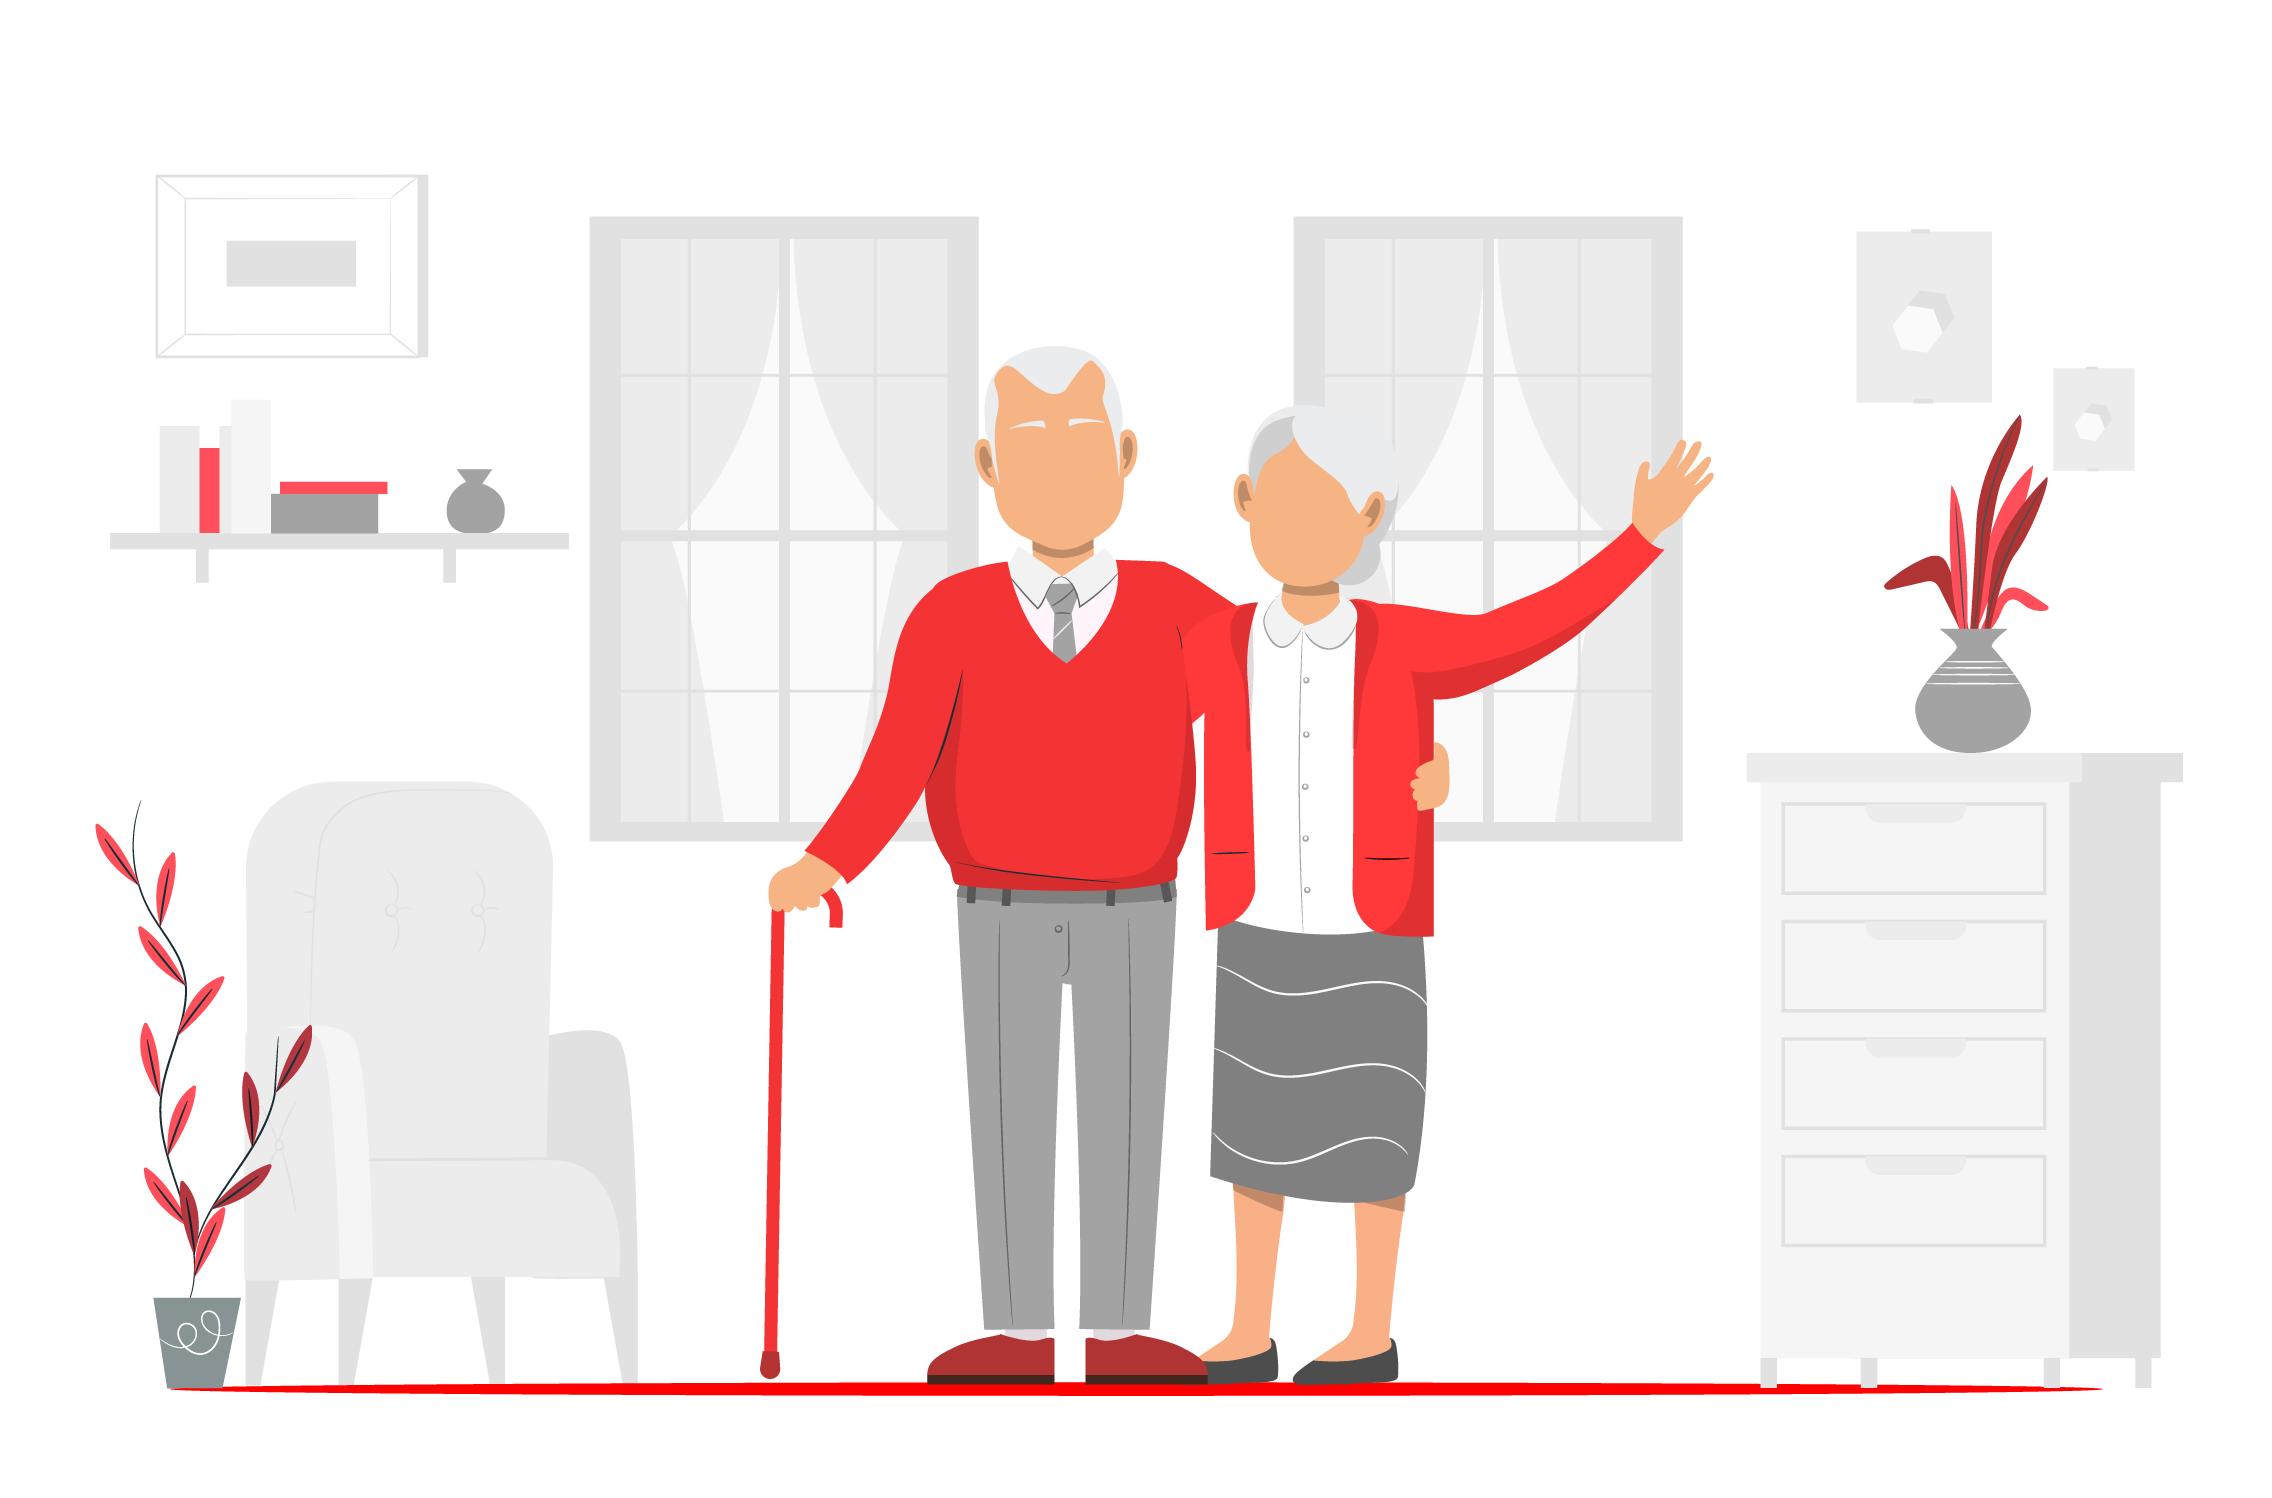 Yaş Haddinden Emeklilik Nedir? Şartları Nedir?   idenfit.com